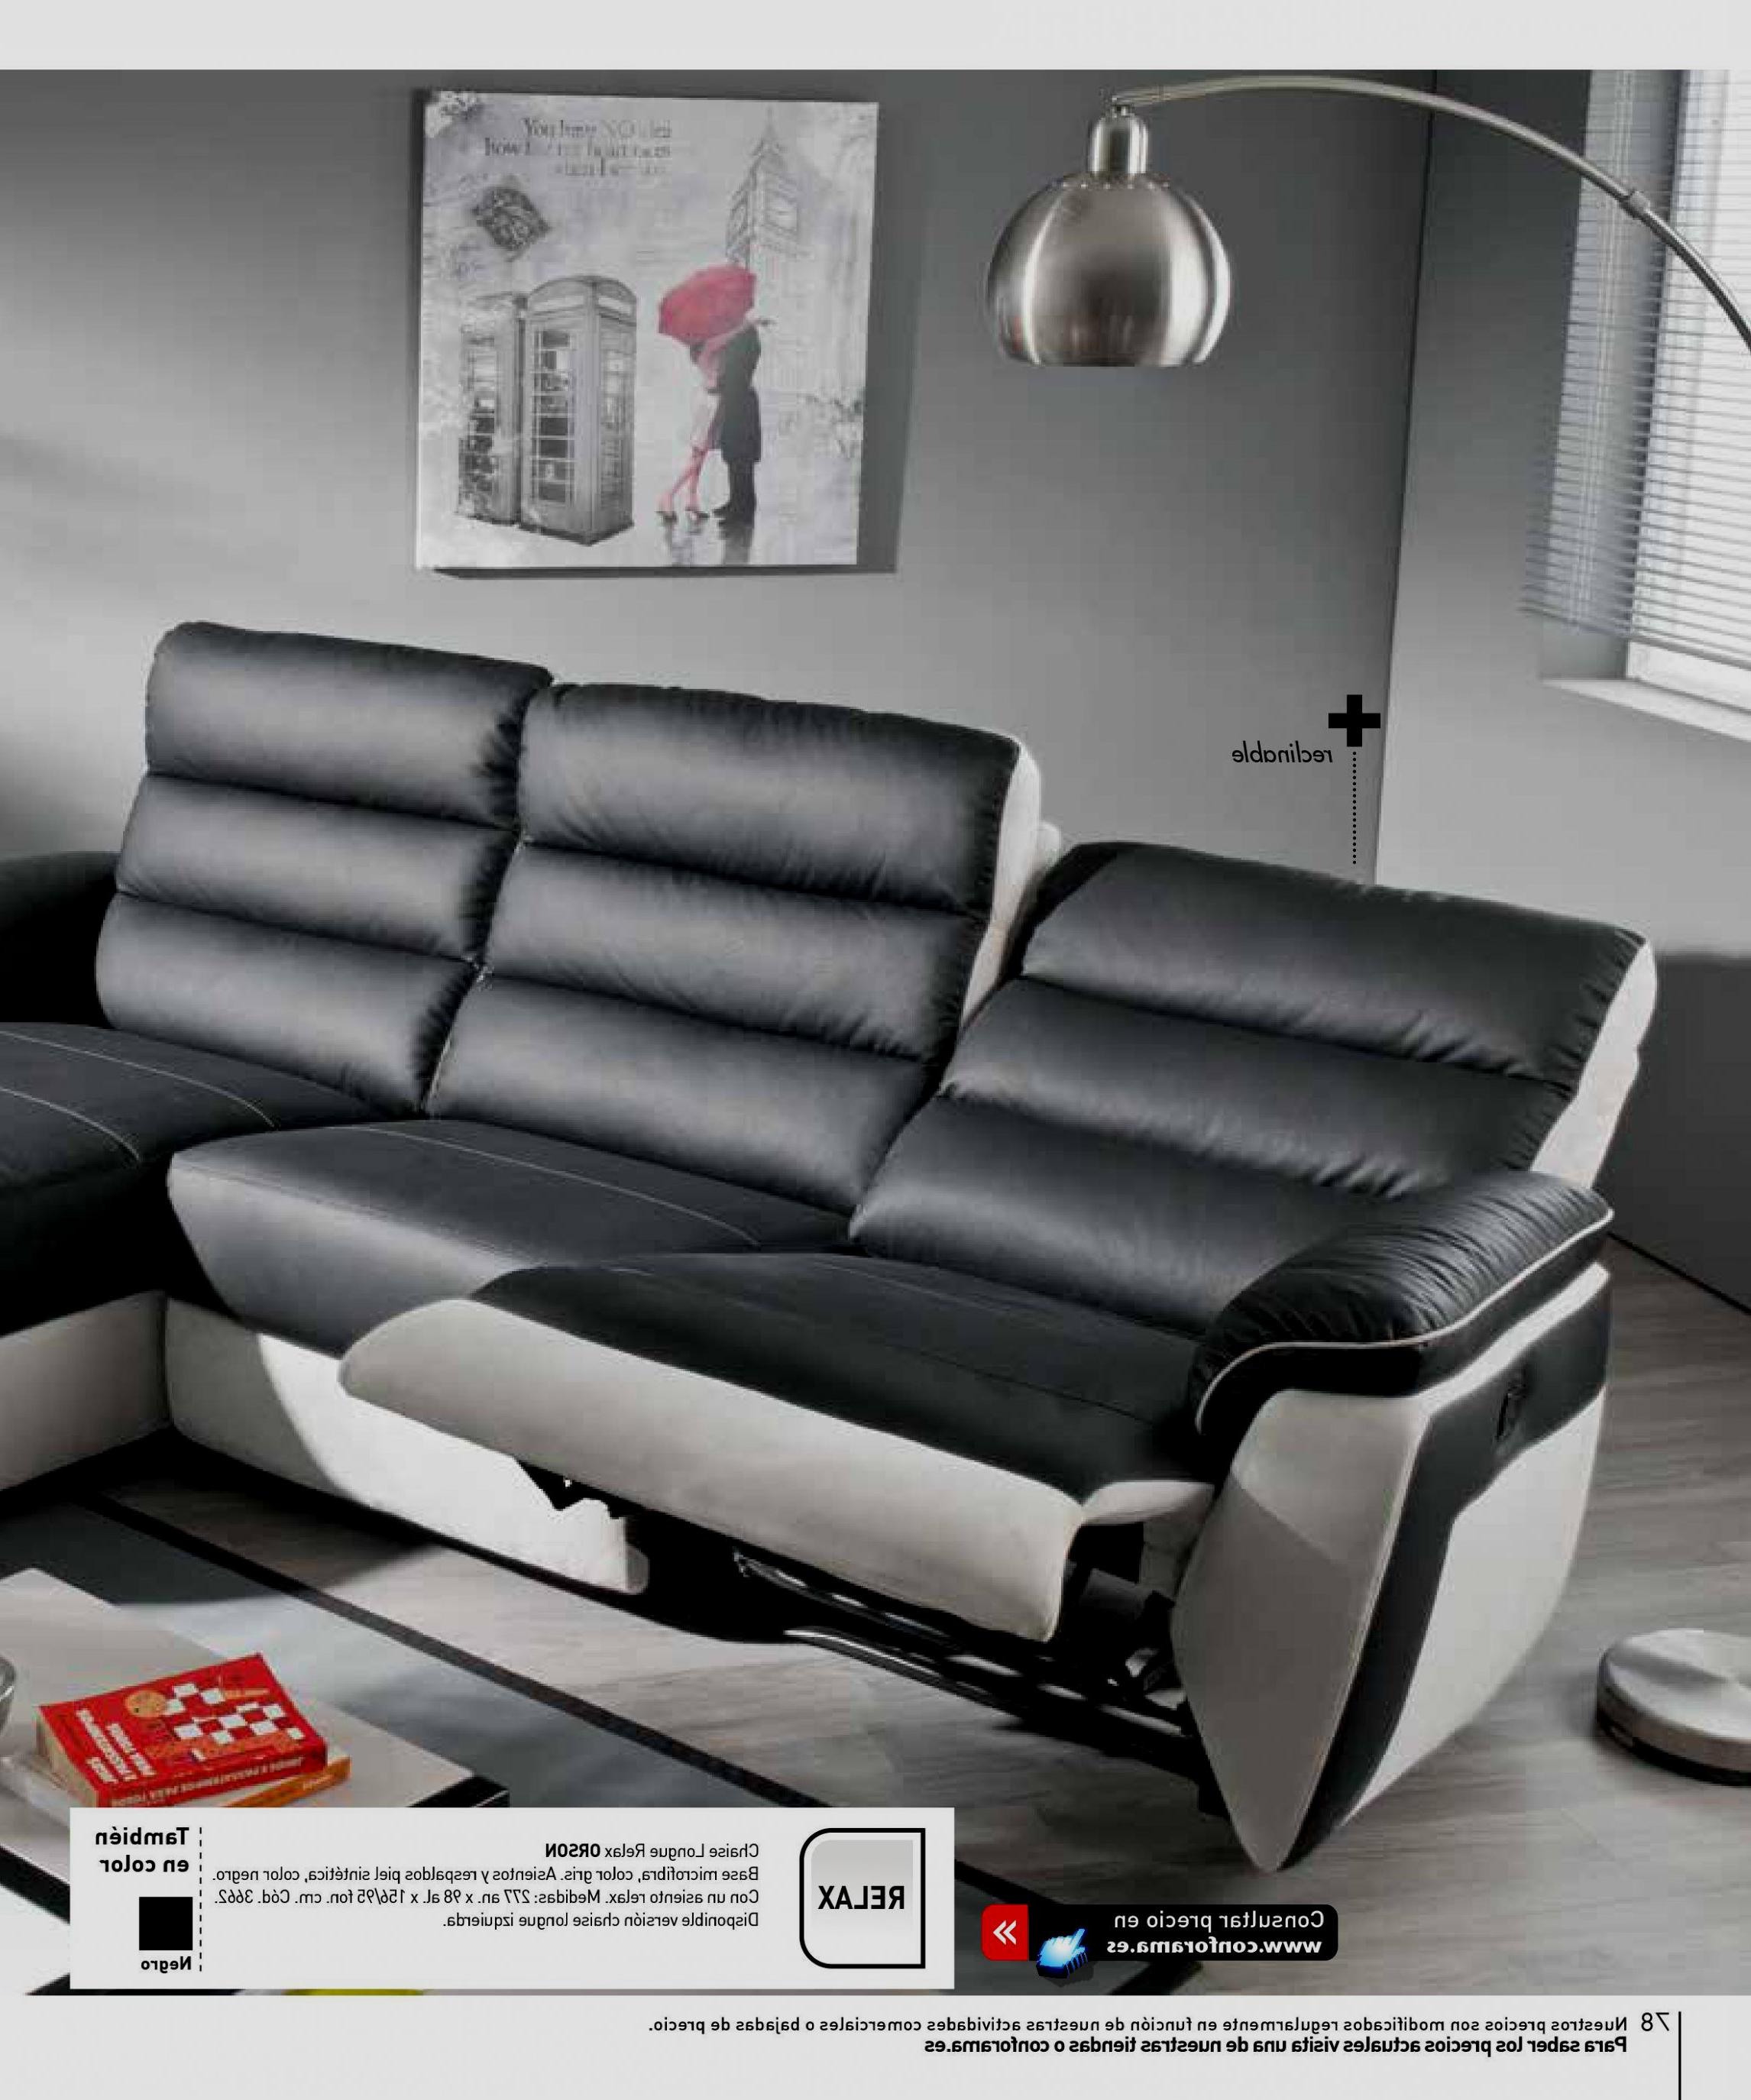 Sofas Baratos Conforama Q0d4 sofas Cama Baratos Conforama Vaste Las Magnfico Ver sofas Cama